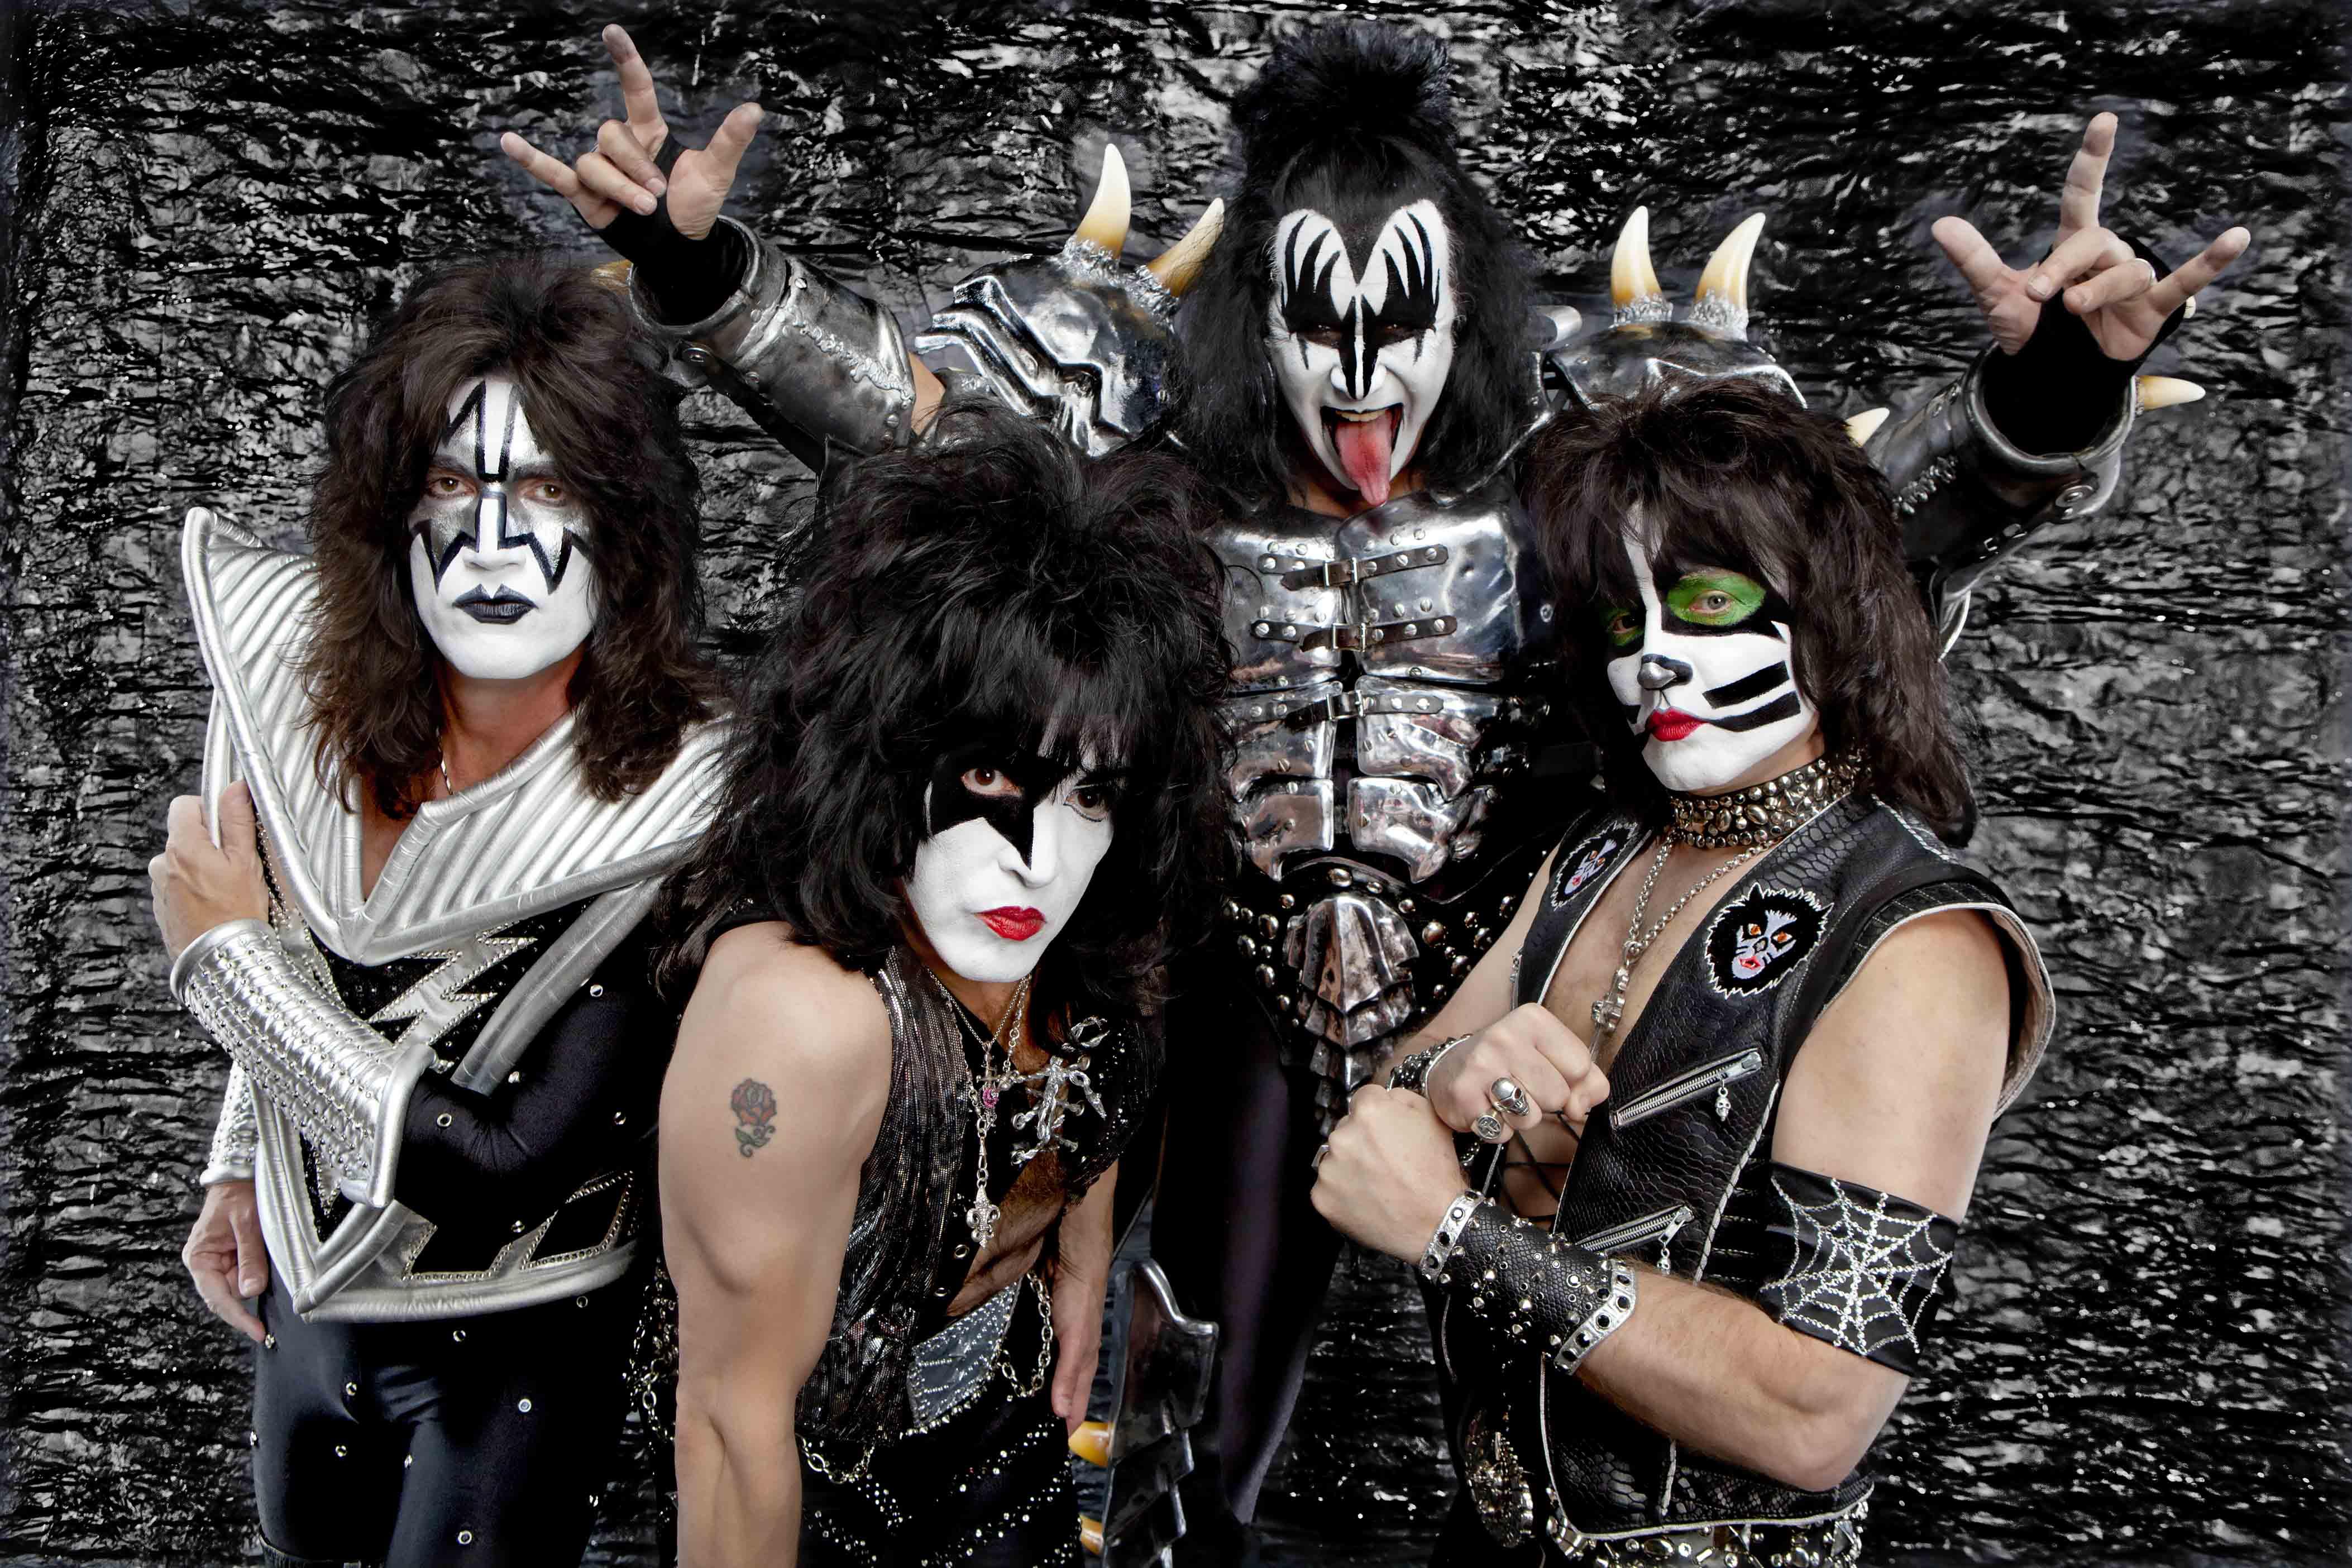 обои Имидж, группа Kiss, певцы, музыканты картинки фото